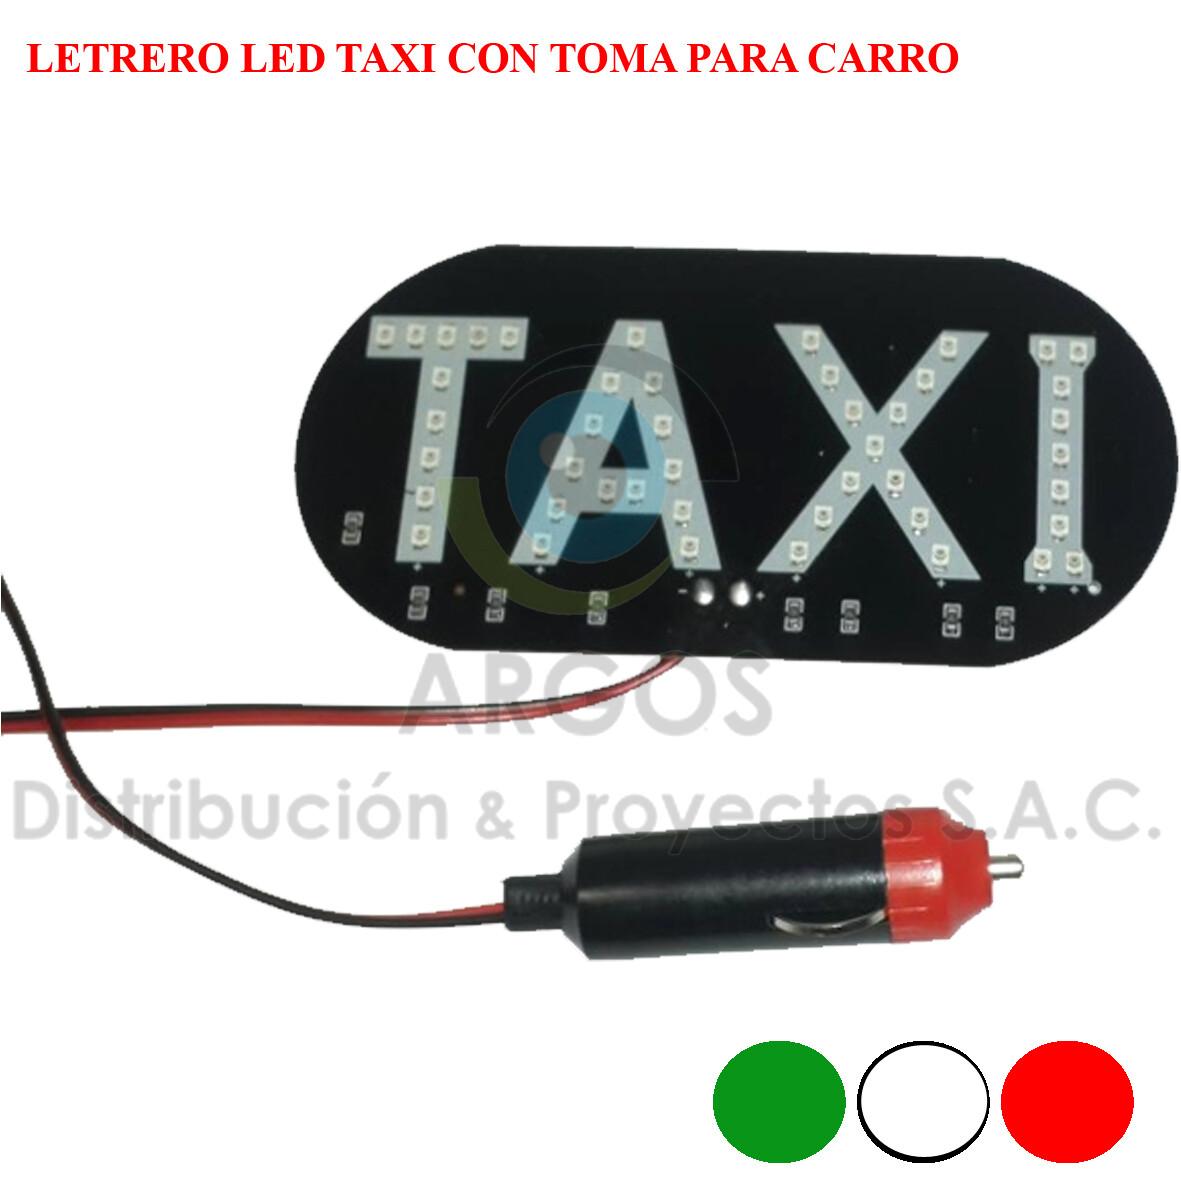 LETRERO LED TAXI CON TOMA PARA CARRO